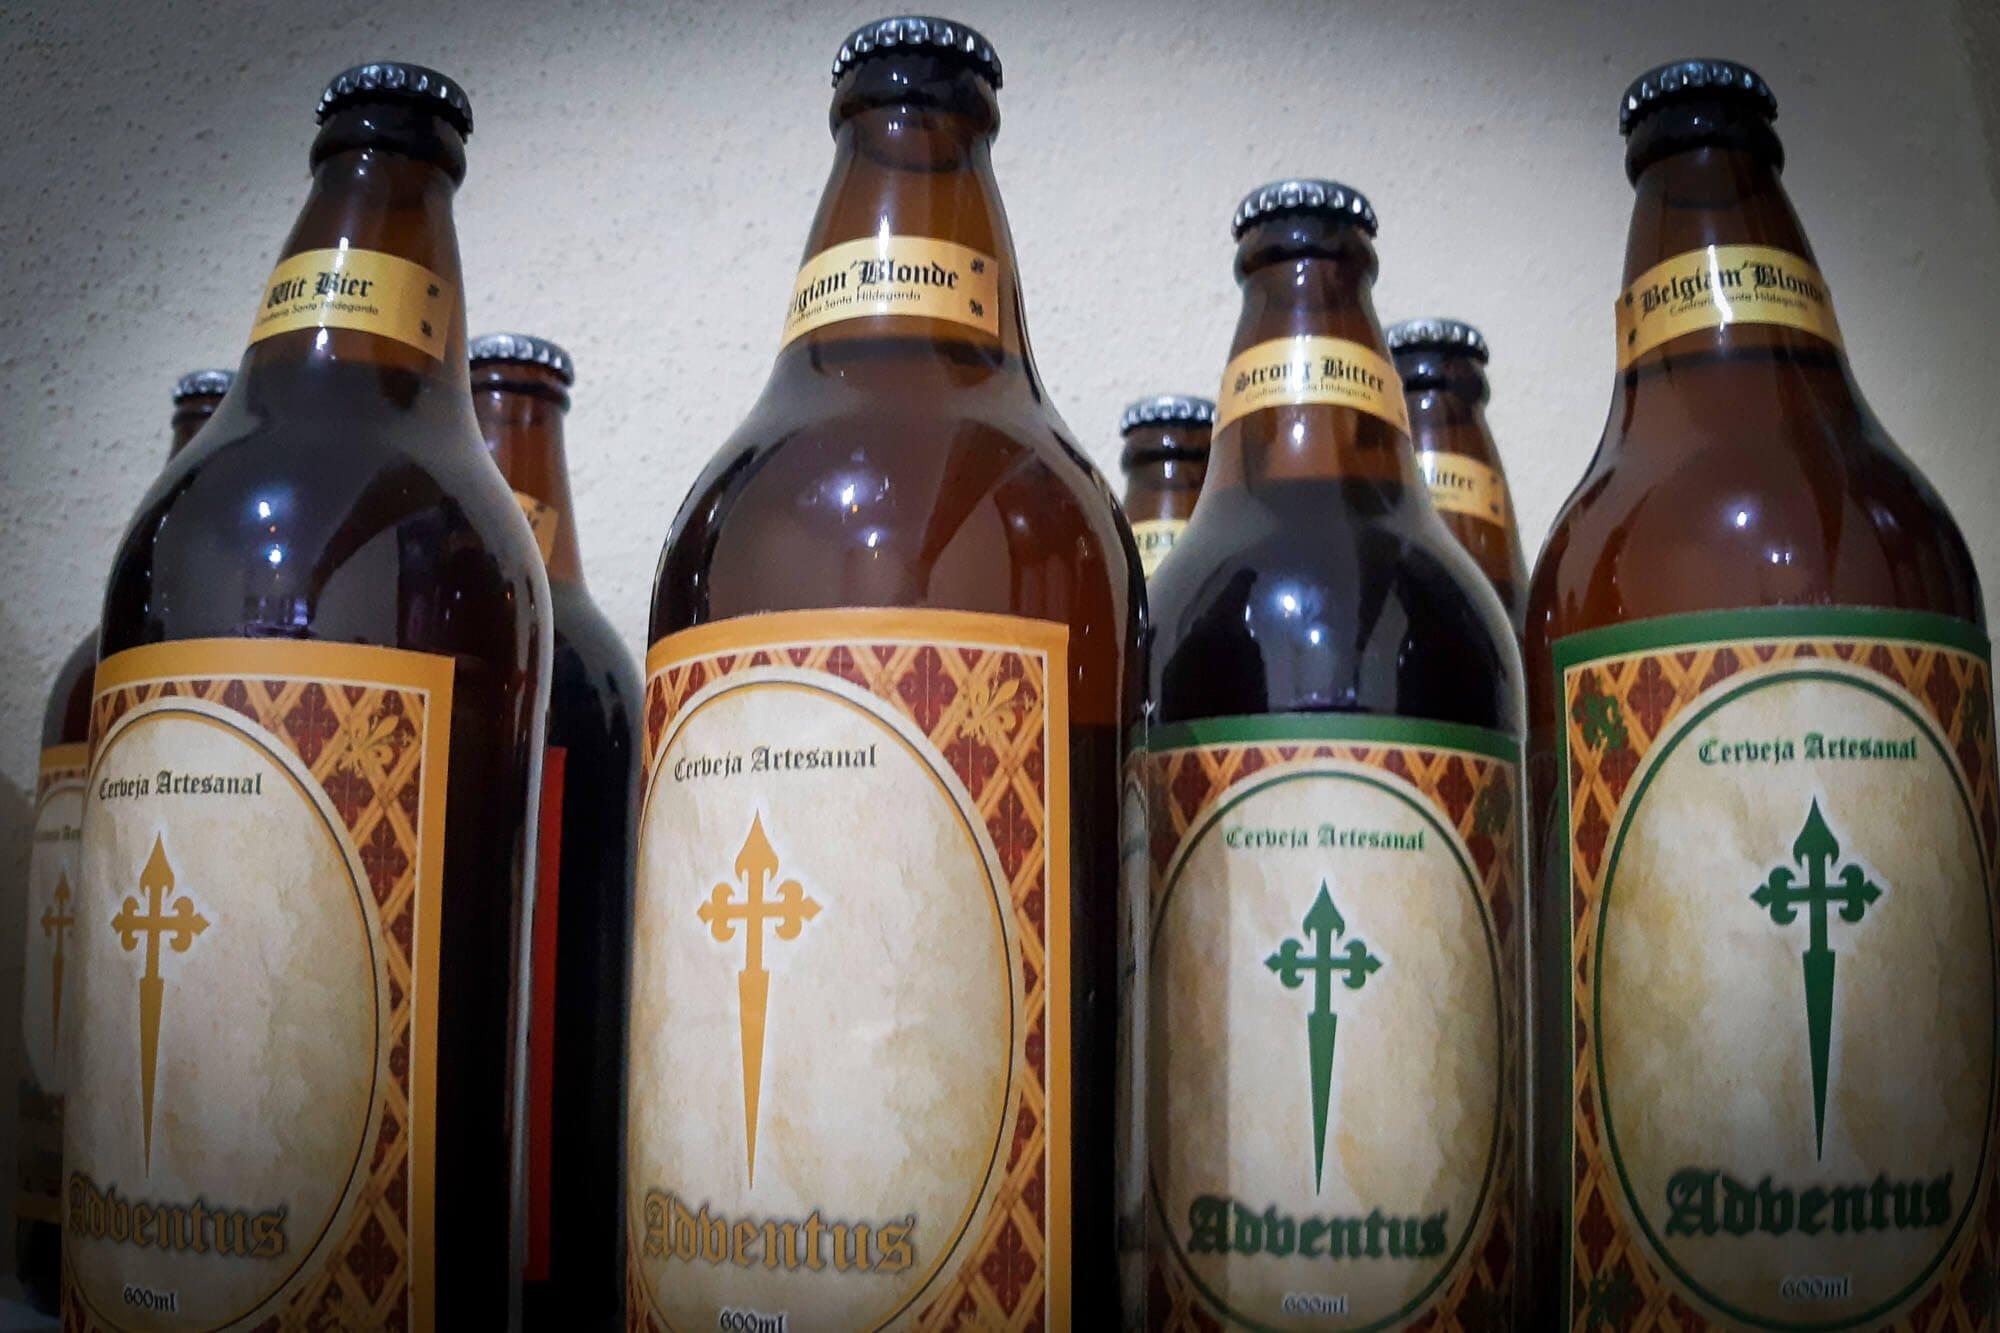 Na lojinha da Basílica de Nossa Senhora do Rosário é possível encontrar até cerveja